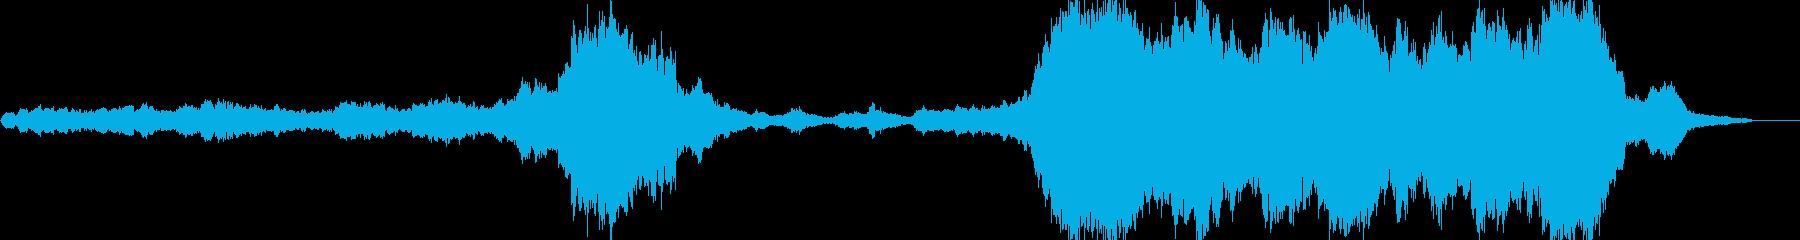 感動的で壮大なクラシック曲の再生済みの波形